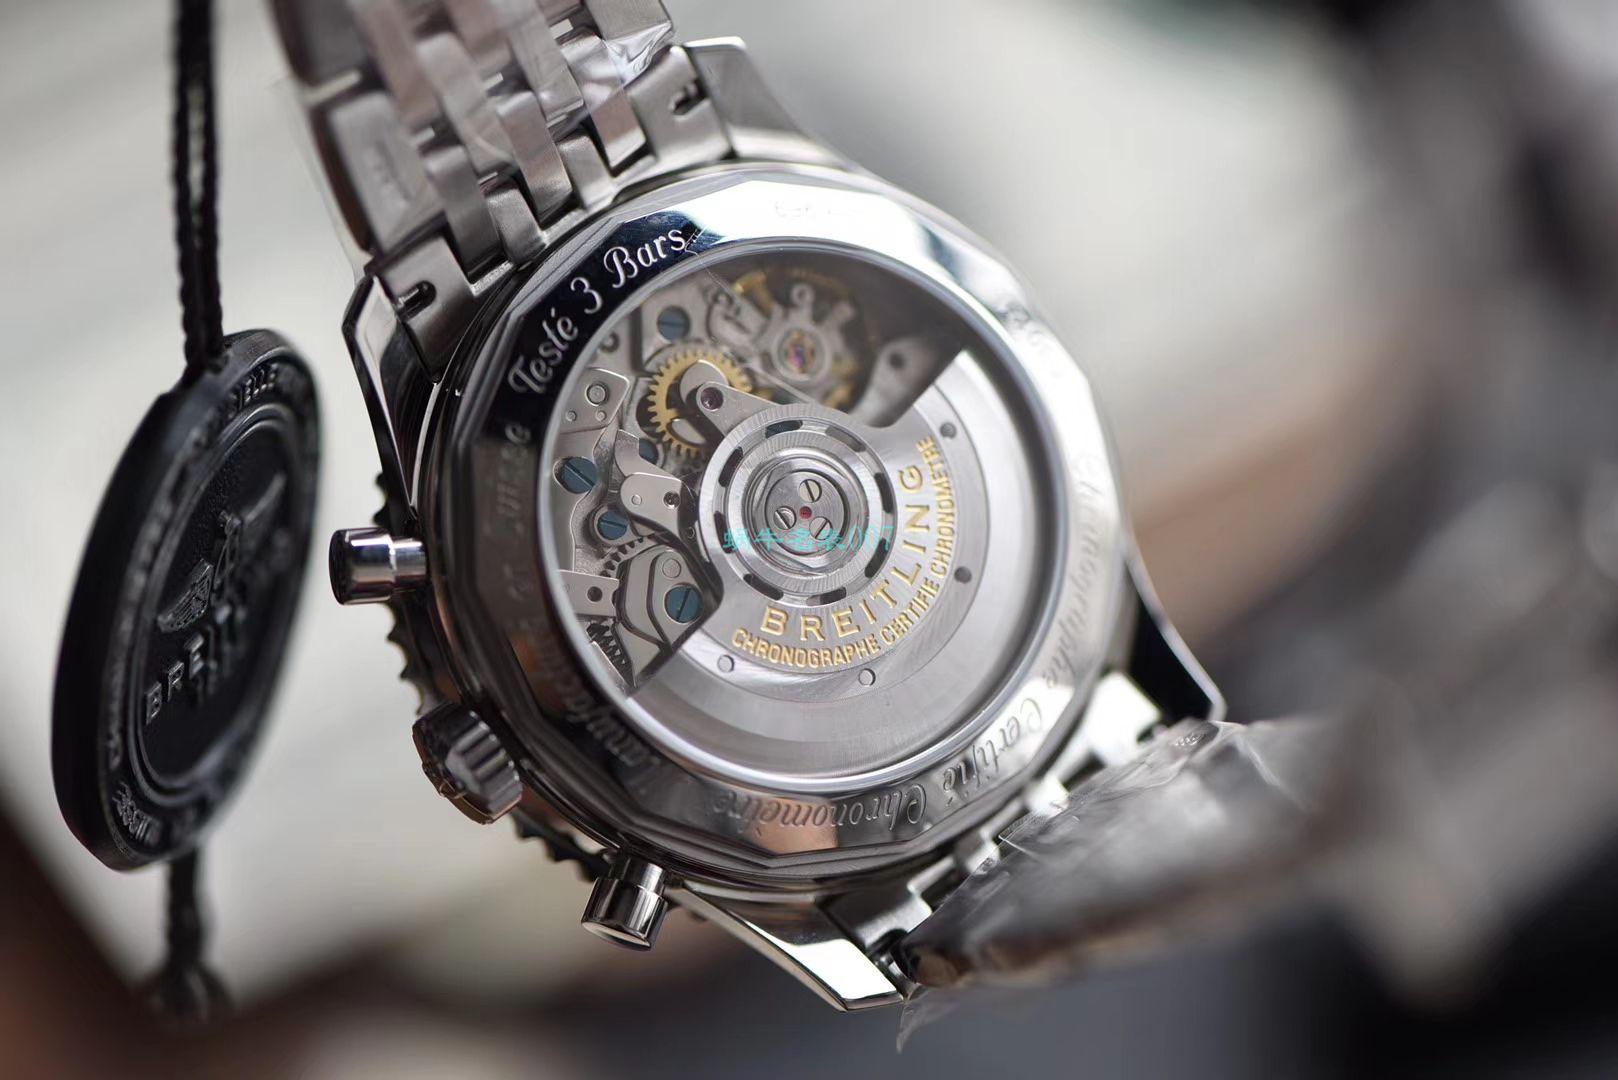 视频评测GF厂超A高仿手表百年灵航空计时 B01计时43系列AB0121211G1A1腕表 / BL163